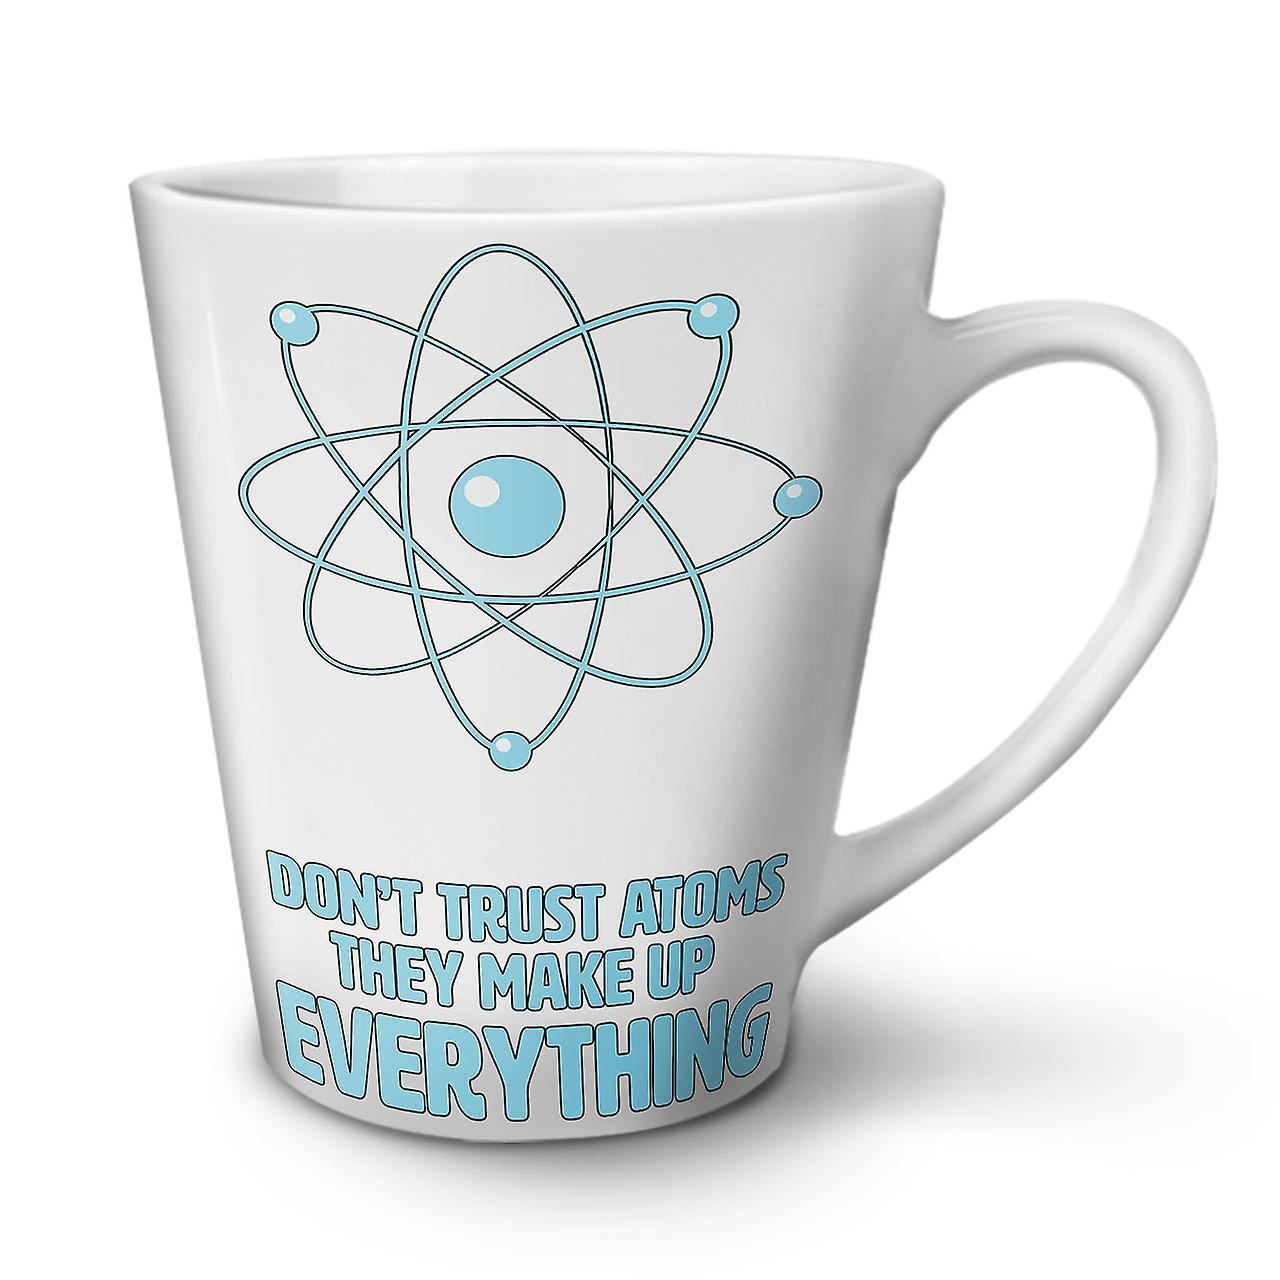 Céramique Ne Faites Nouvelle 12 Blanche Tasse Café Confiance Atom Latte OzWellcoda En Pas L4Rj5A